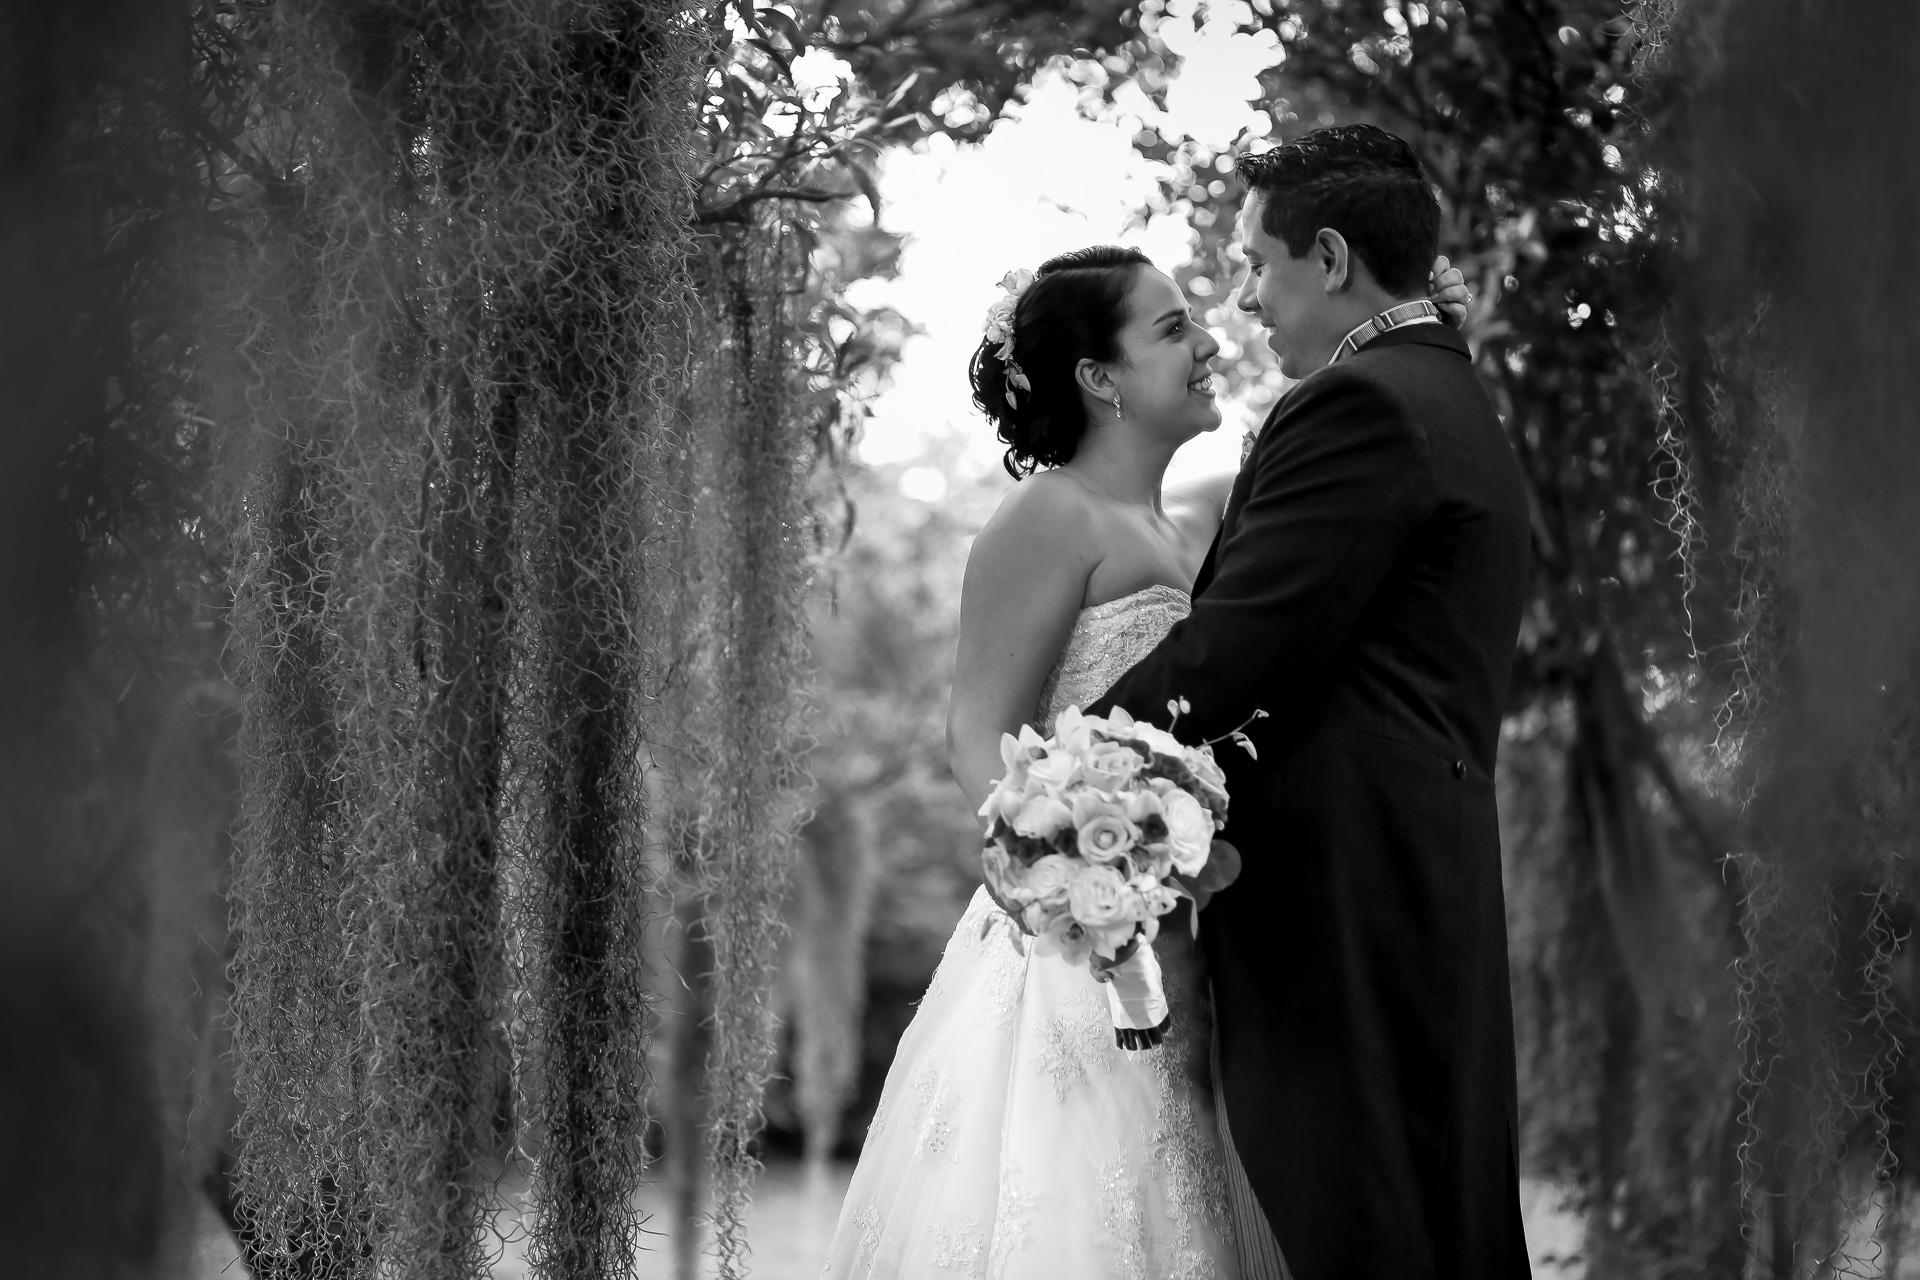 Fotógrafos-de-bodas-en-Colombia-Angela-y-Camilo-18 ANGELA + CAMILO